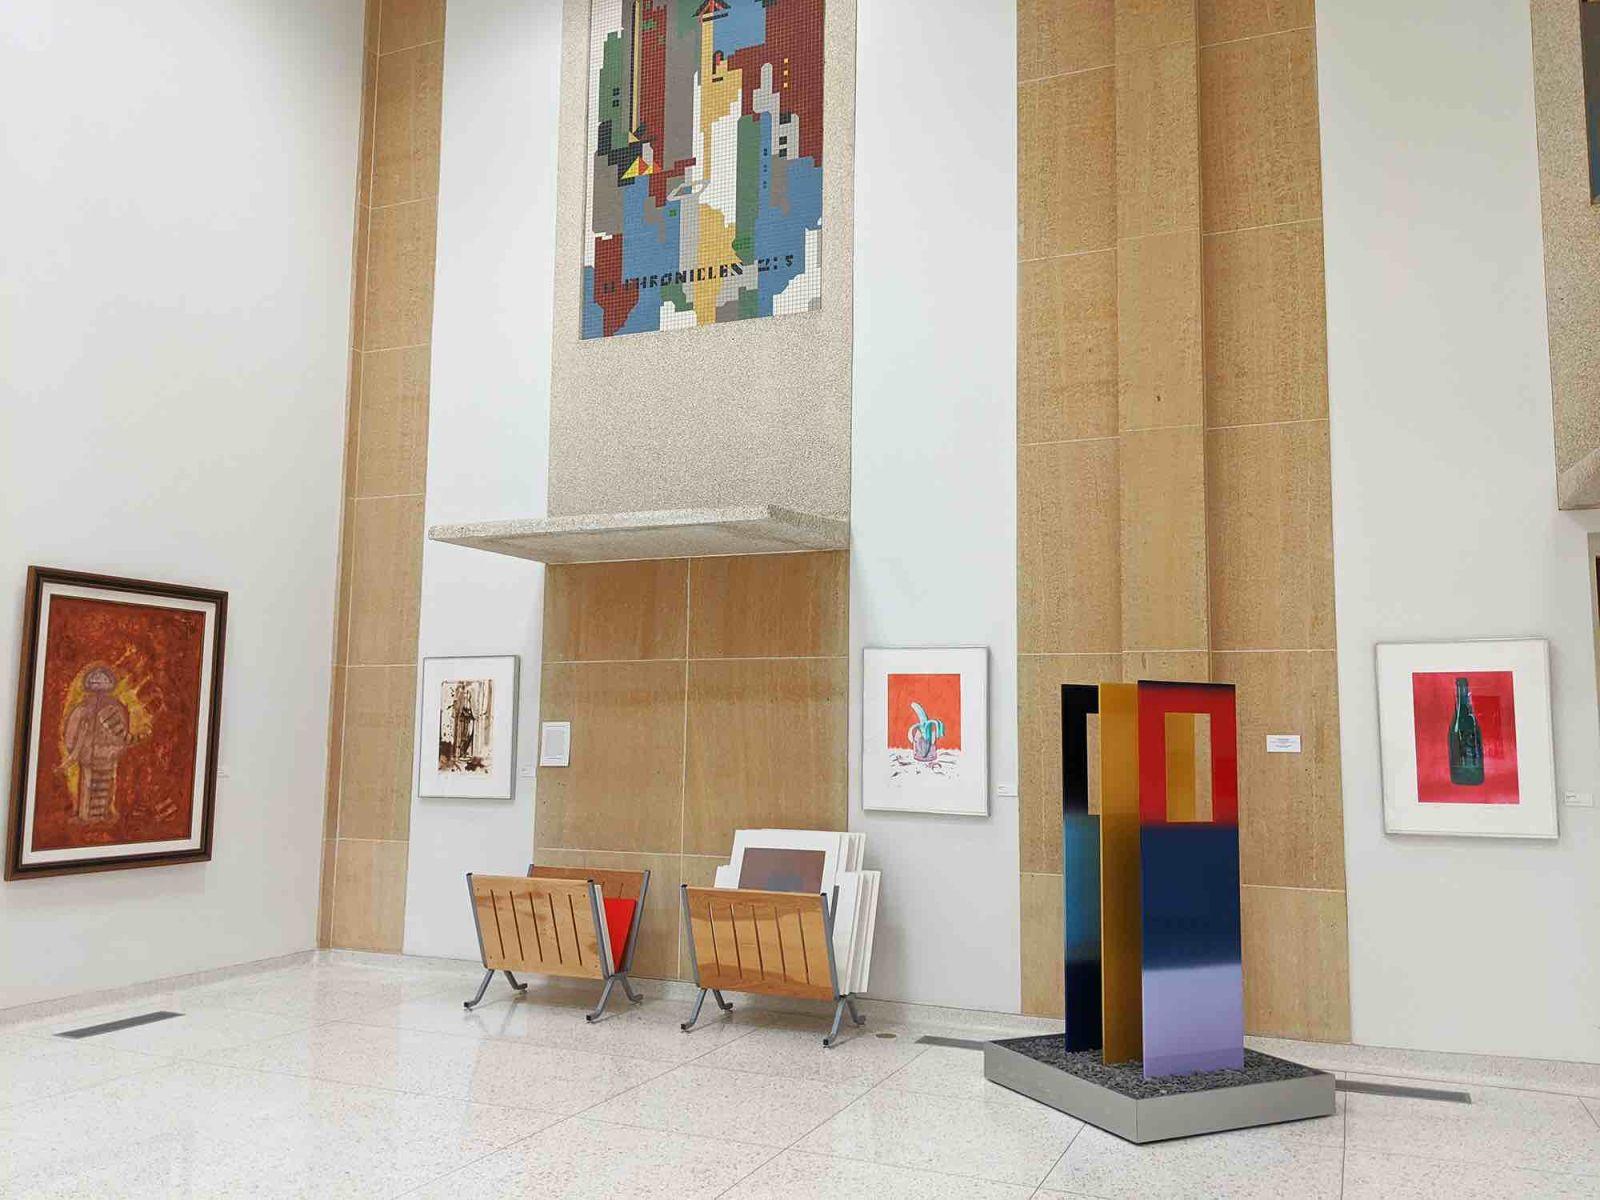 Helen Levitt Gallery